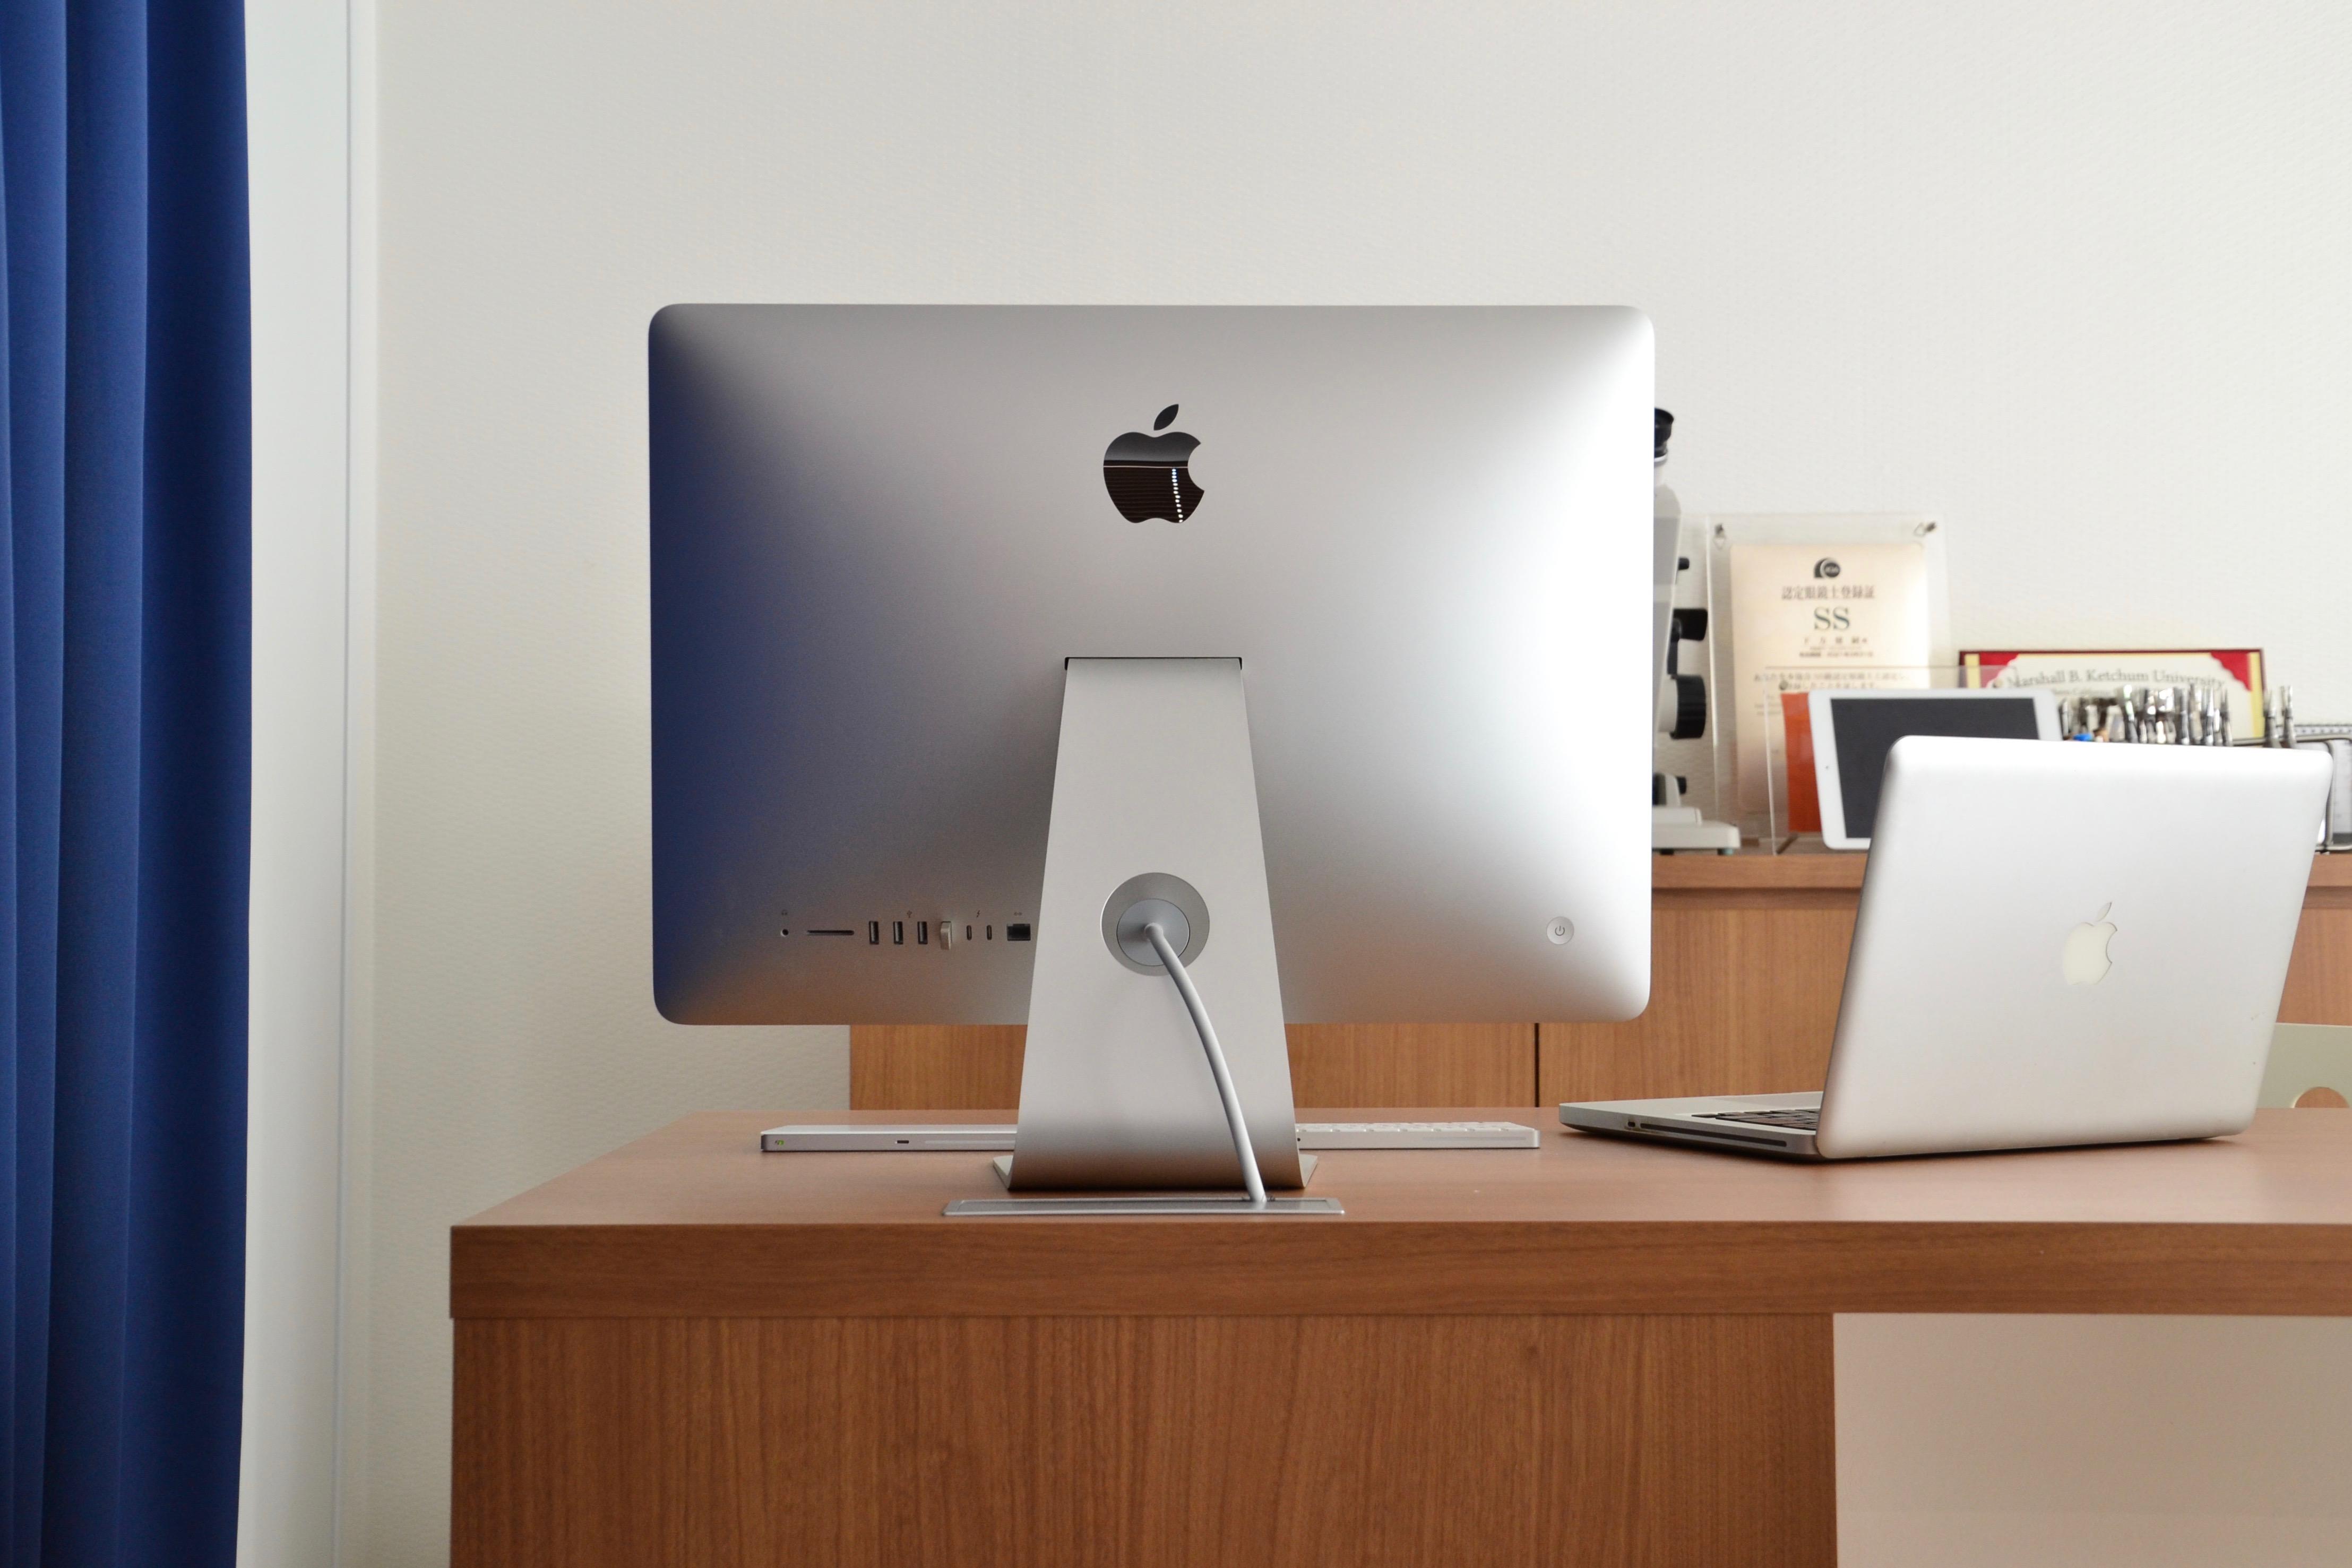 メガネヤヒカリノアトリエ 遠近両用 在宅勤務 ウェブ会議 デスクトップパソコン